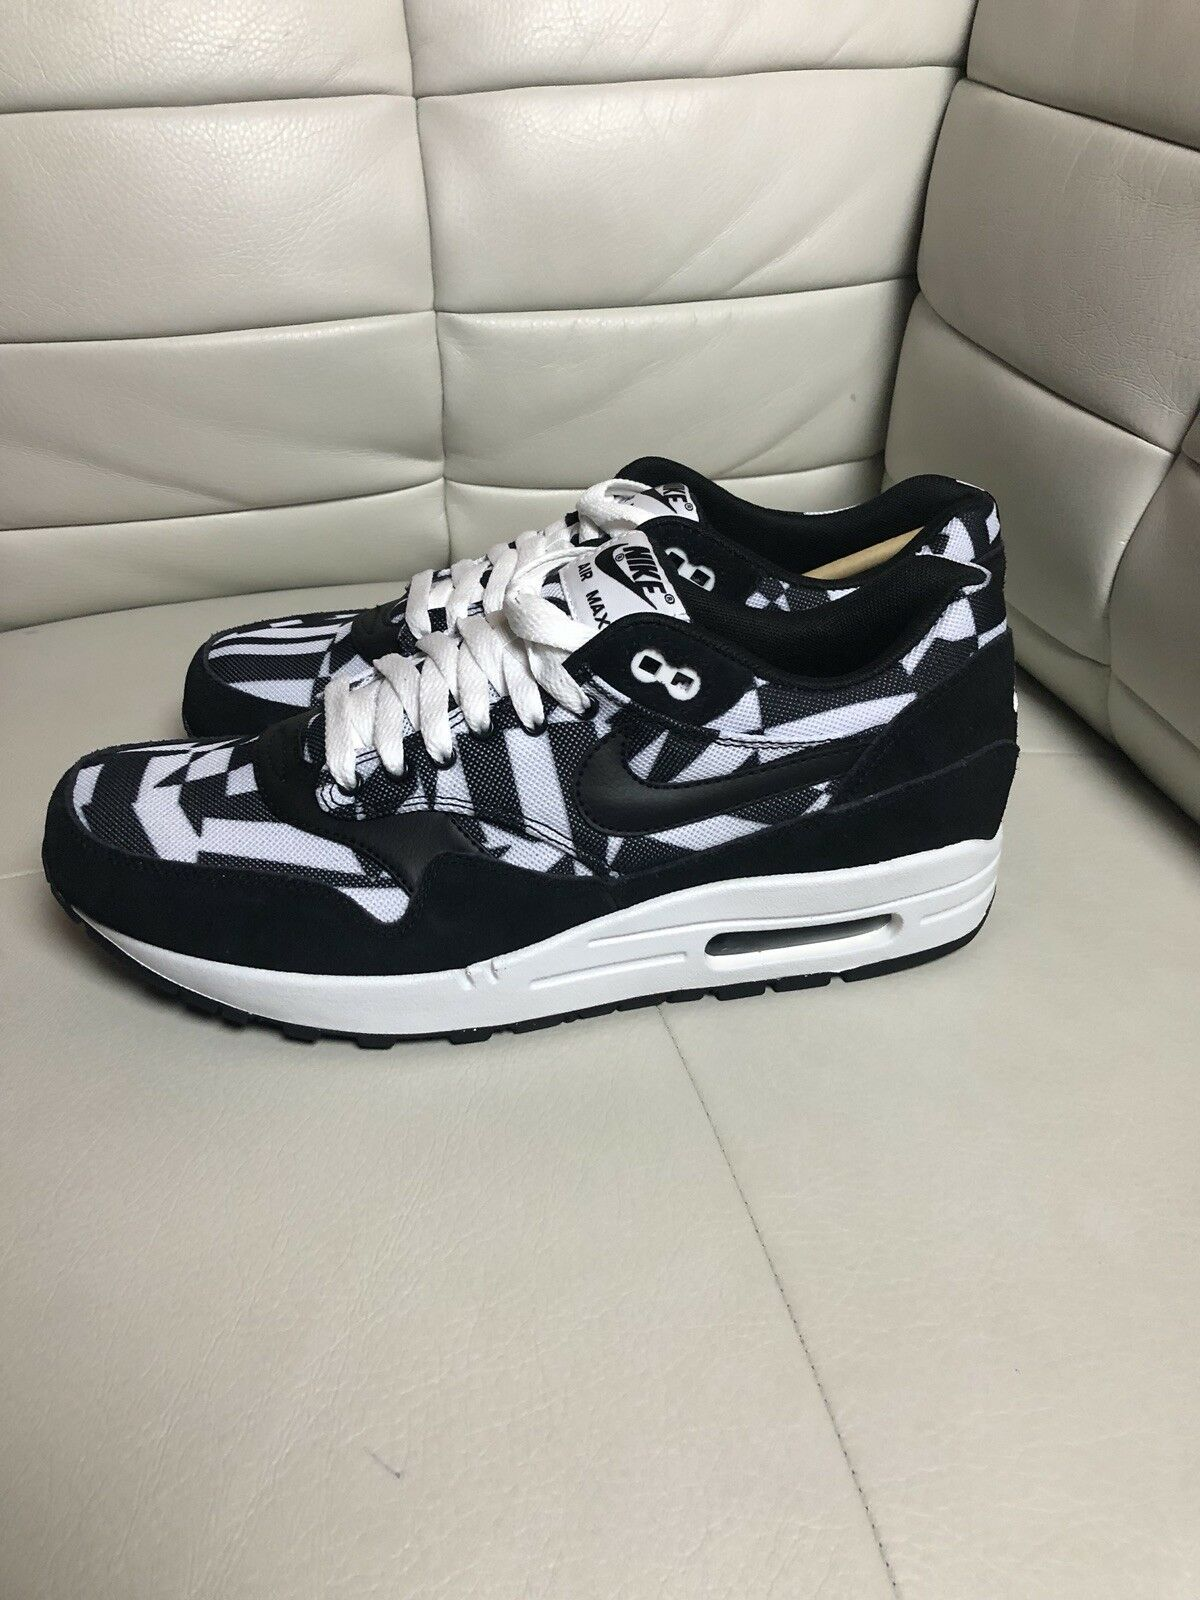 Nike air max 1 Gpx Size 9